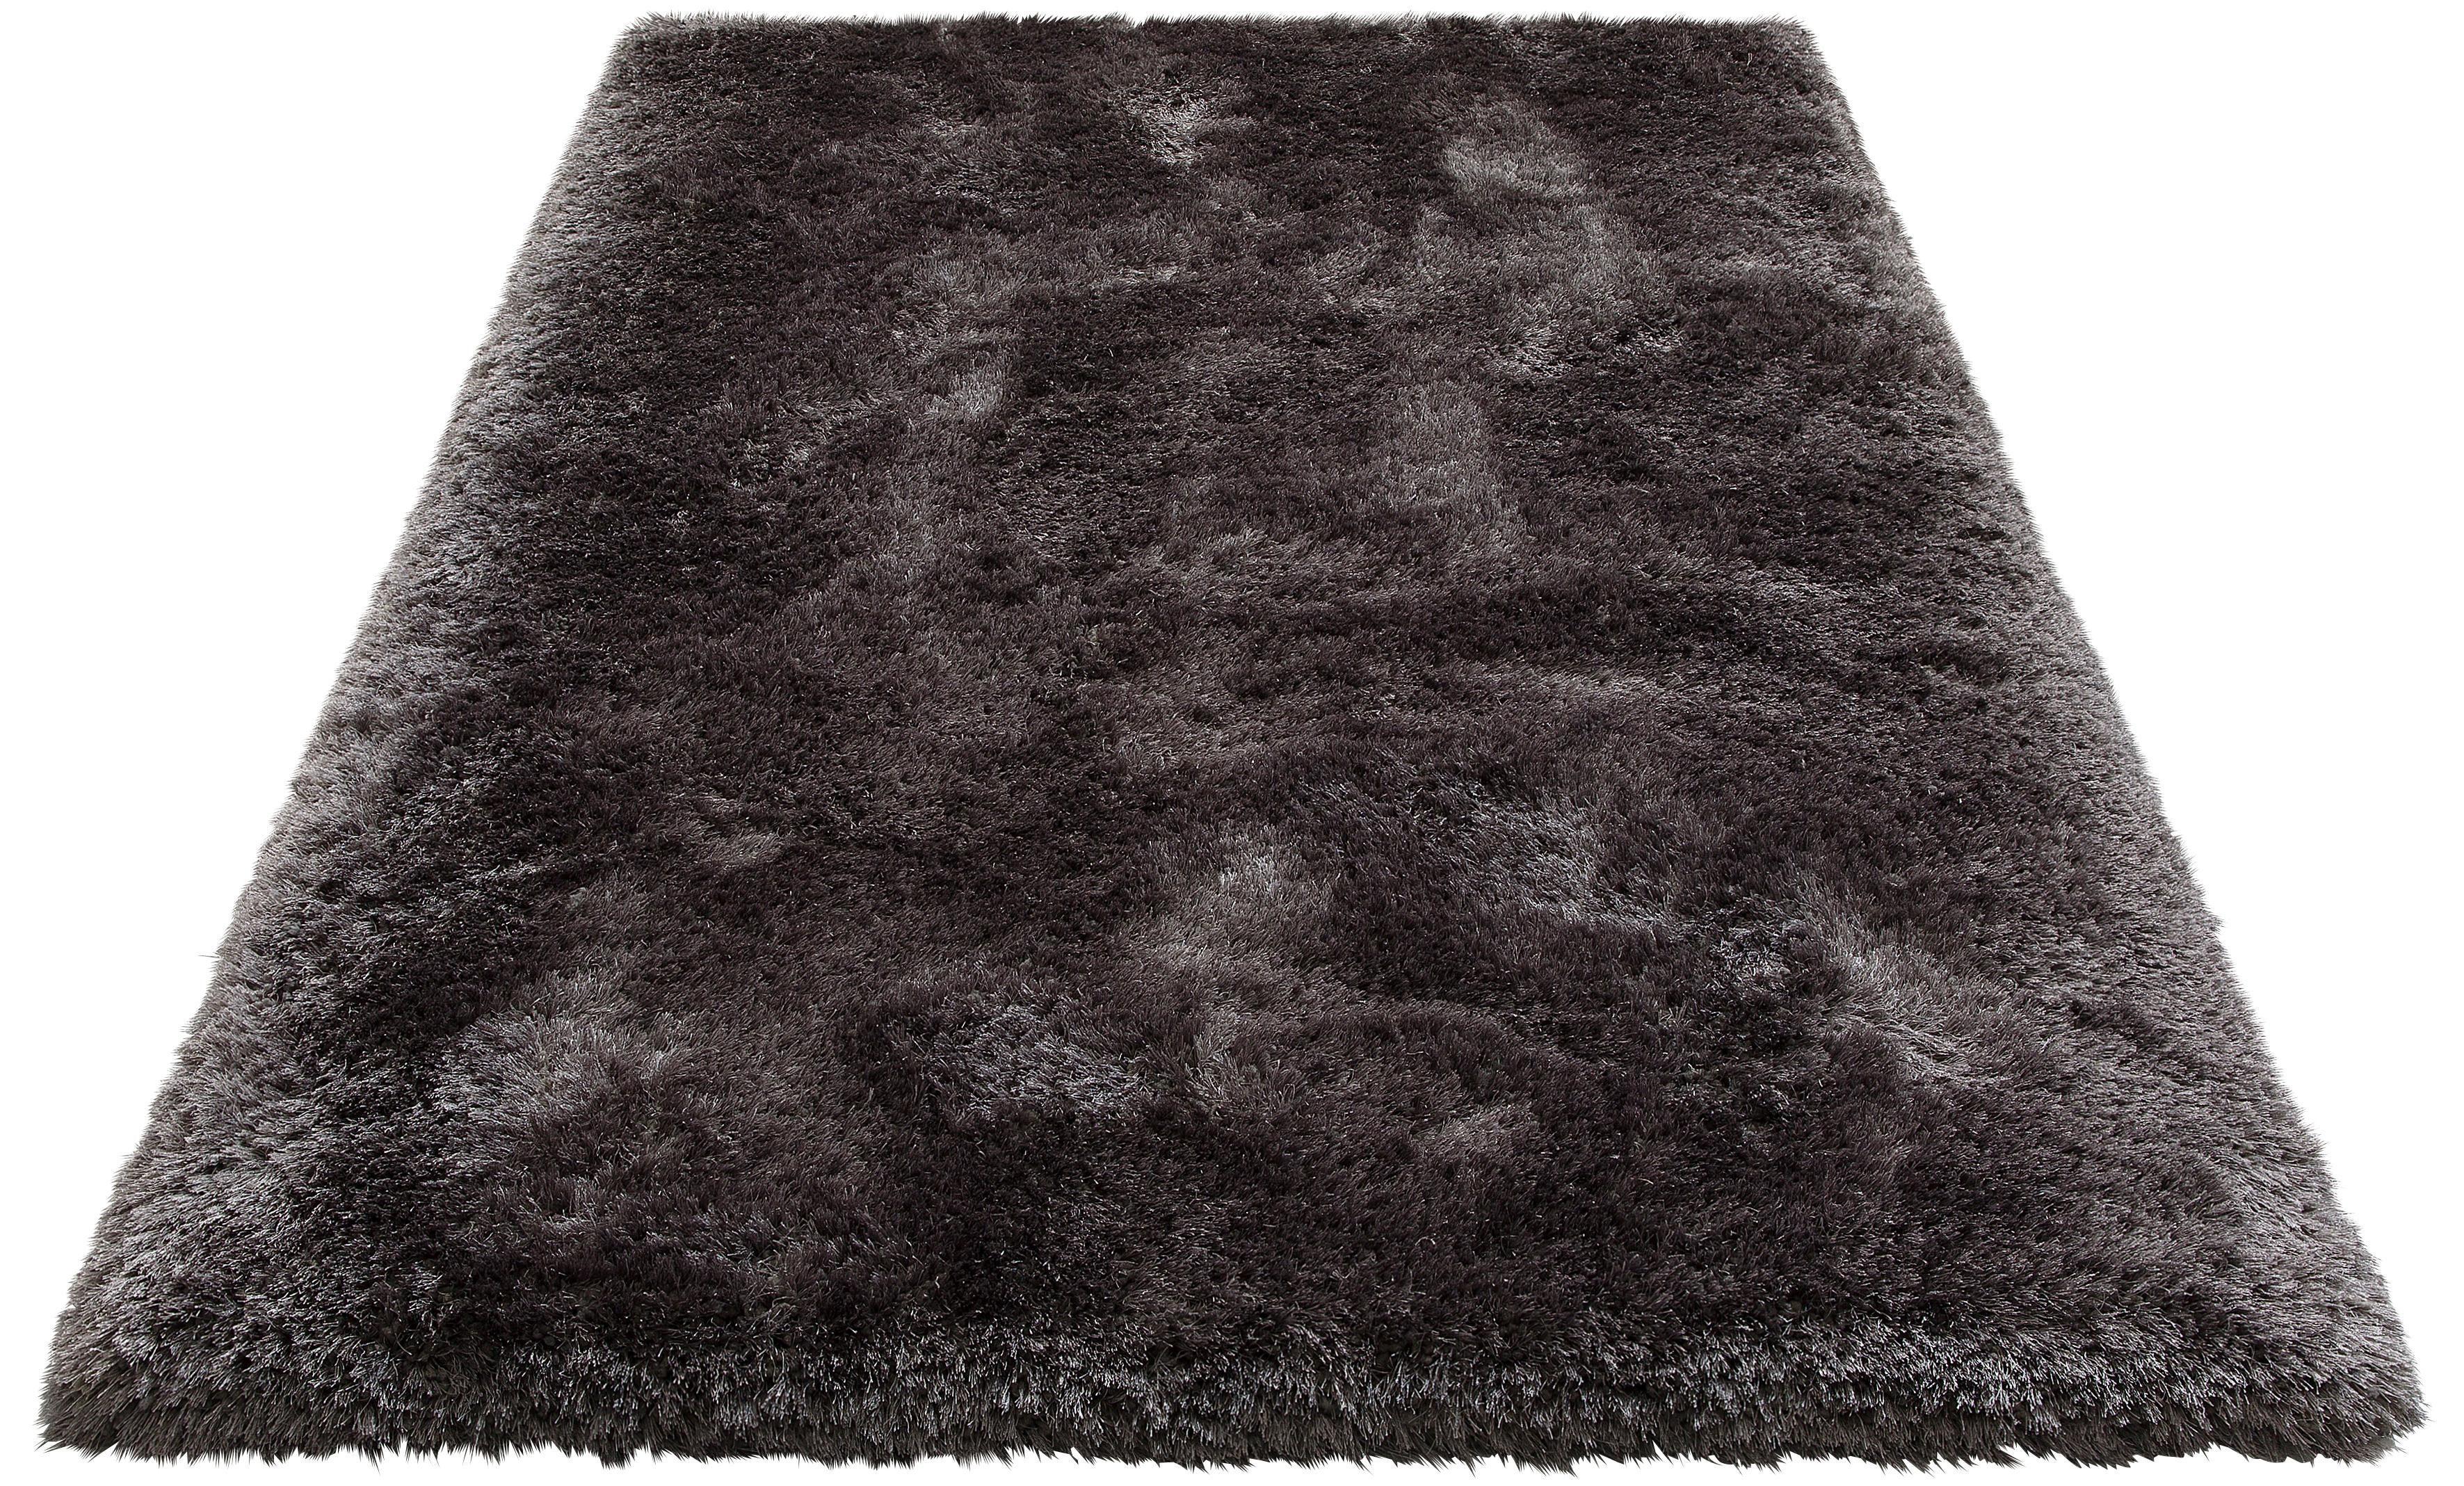 Hochflor-Teppich »Lasse«, rechteckig, Höhe 78 mm, Besonders weich durch Microfaser